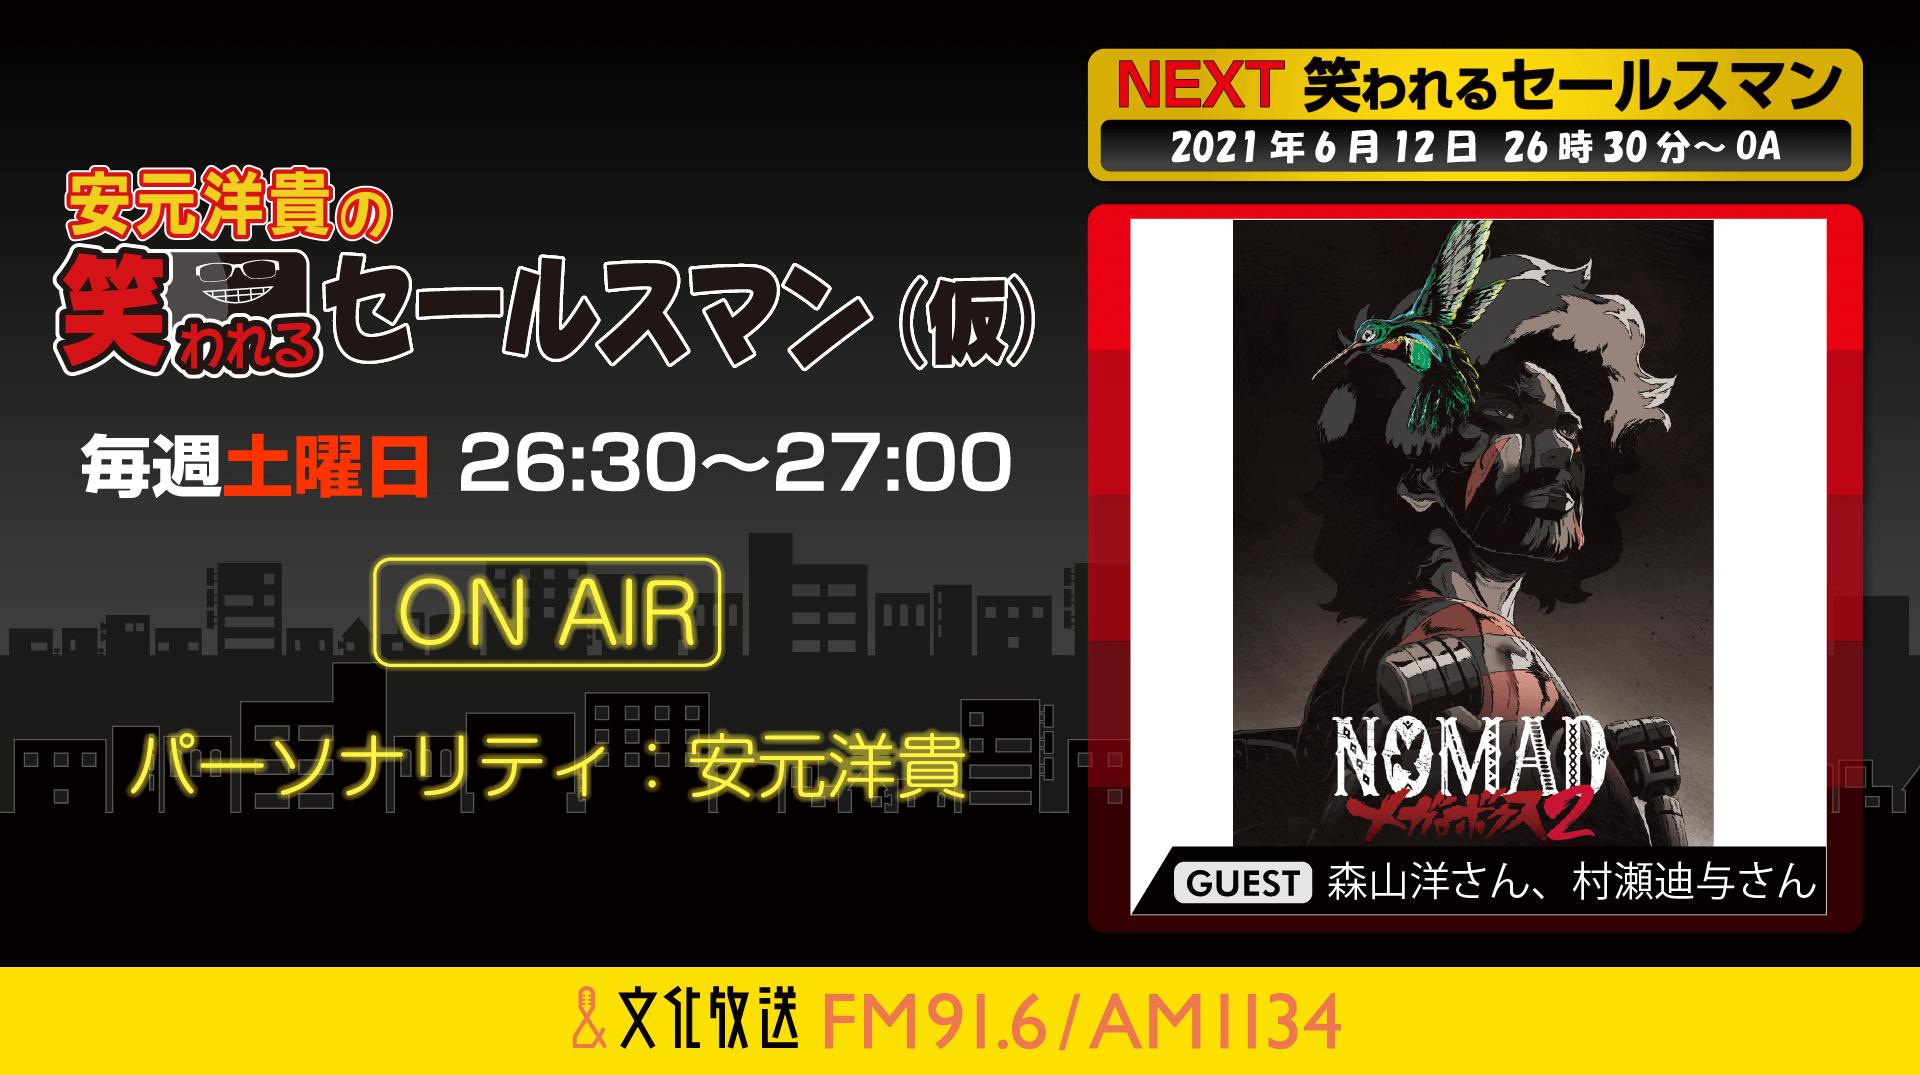 6月12日の放送は、「NOMAD メガロボクス2」特集! 『安元洋貴の笑われるセールスマン(仮)』